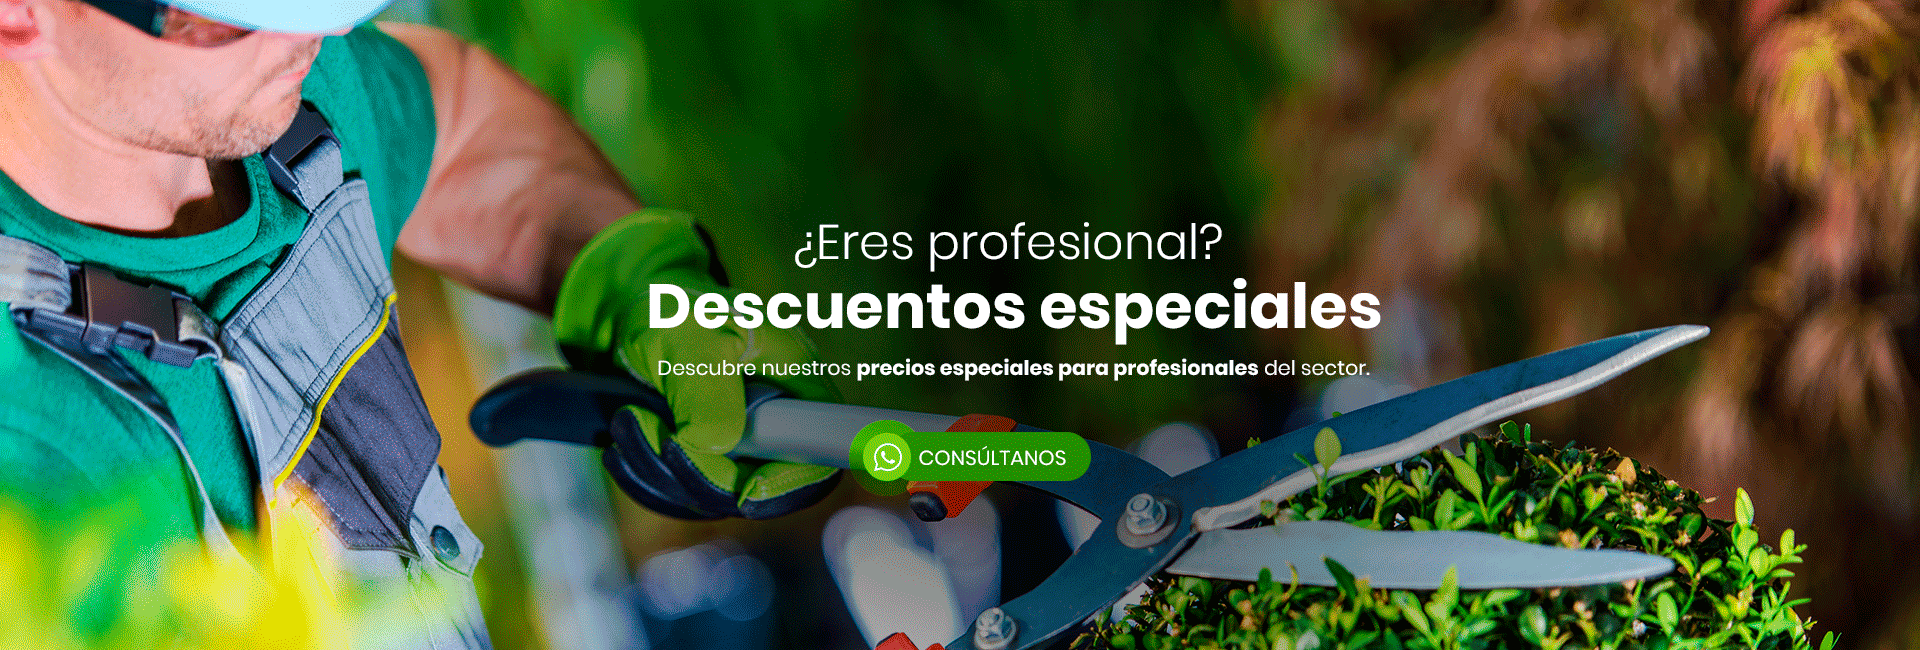 Productos y herramienta para profesionales de la jardinería